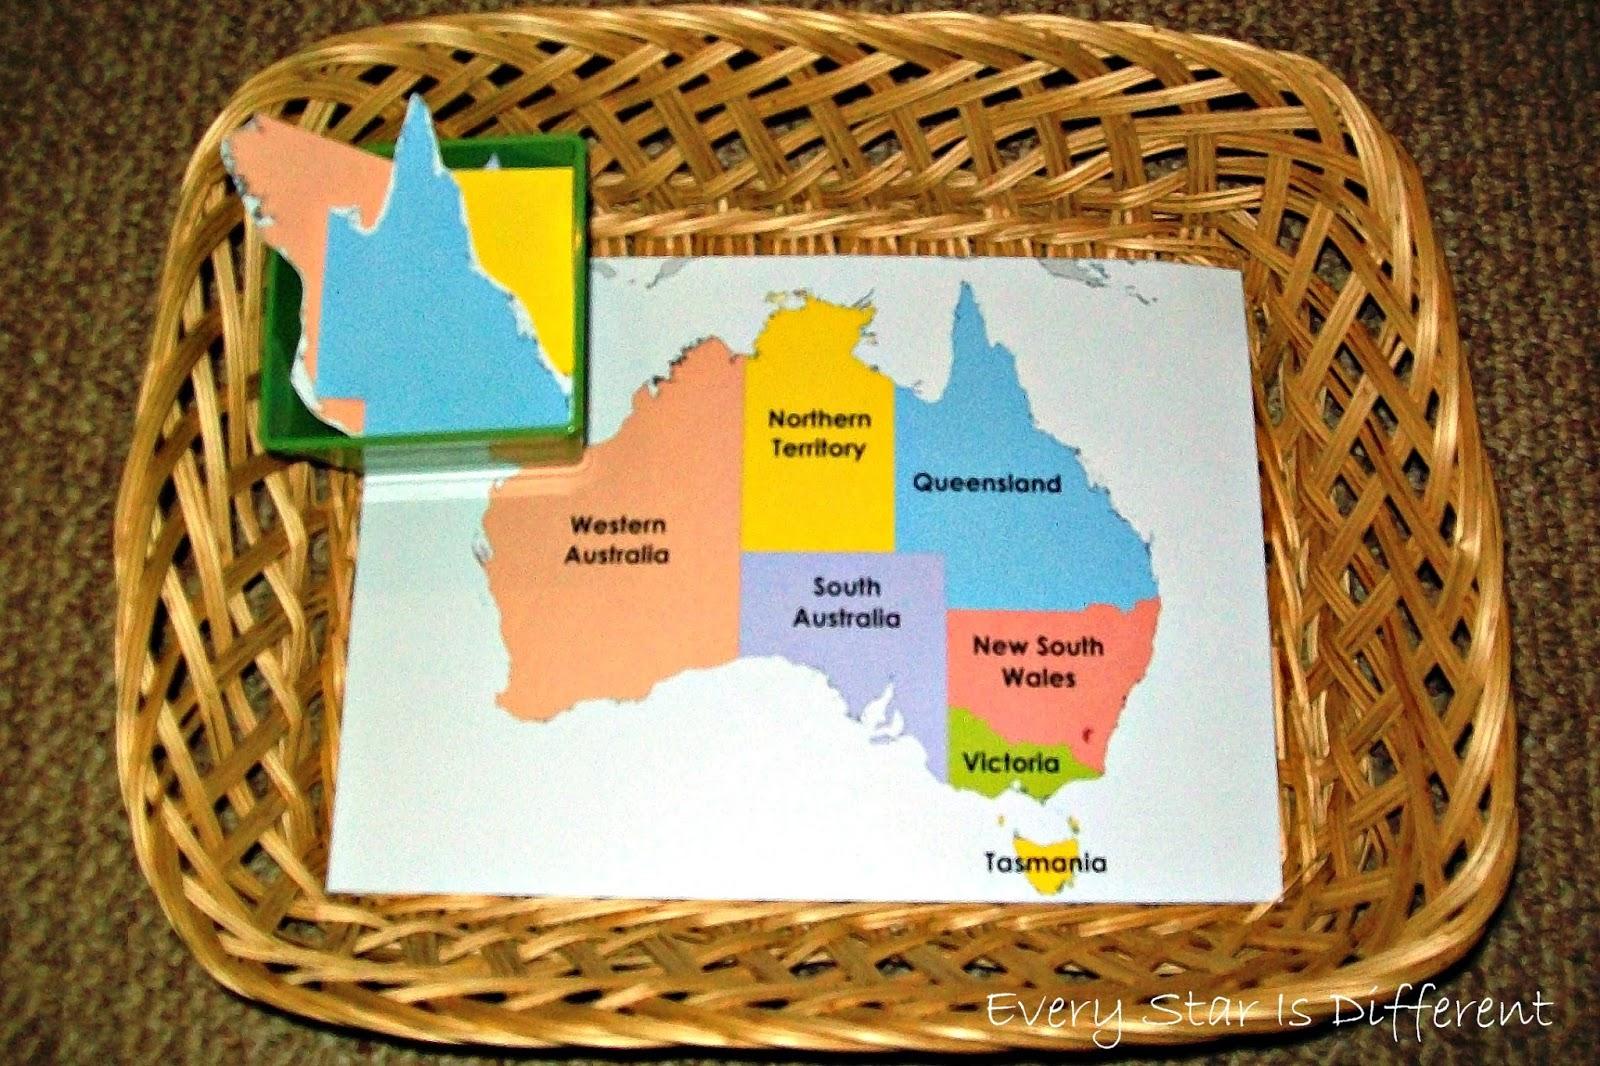 Australia States and Territories (Free Printable)